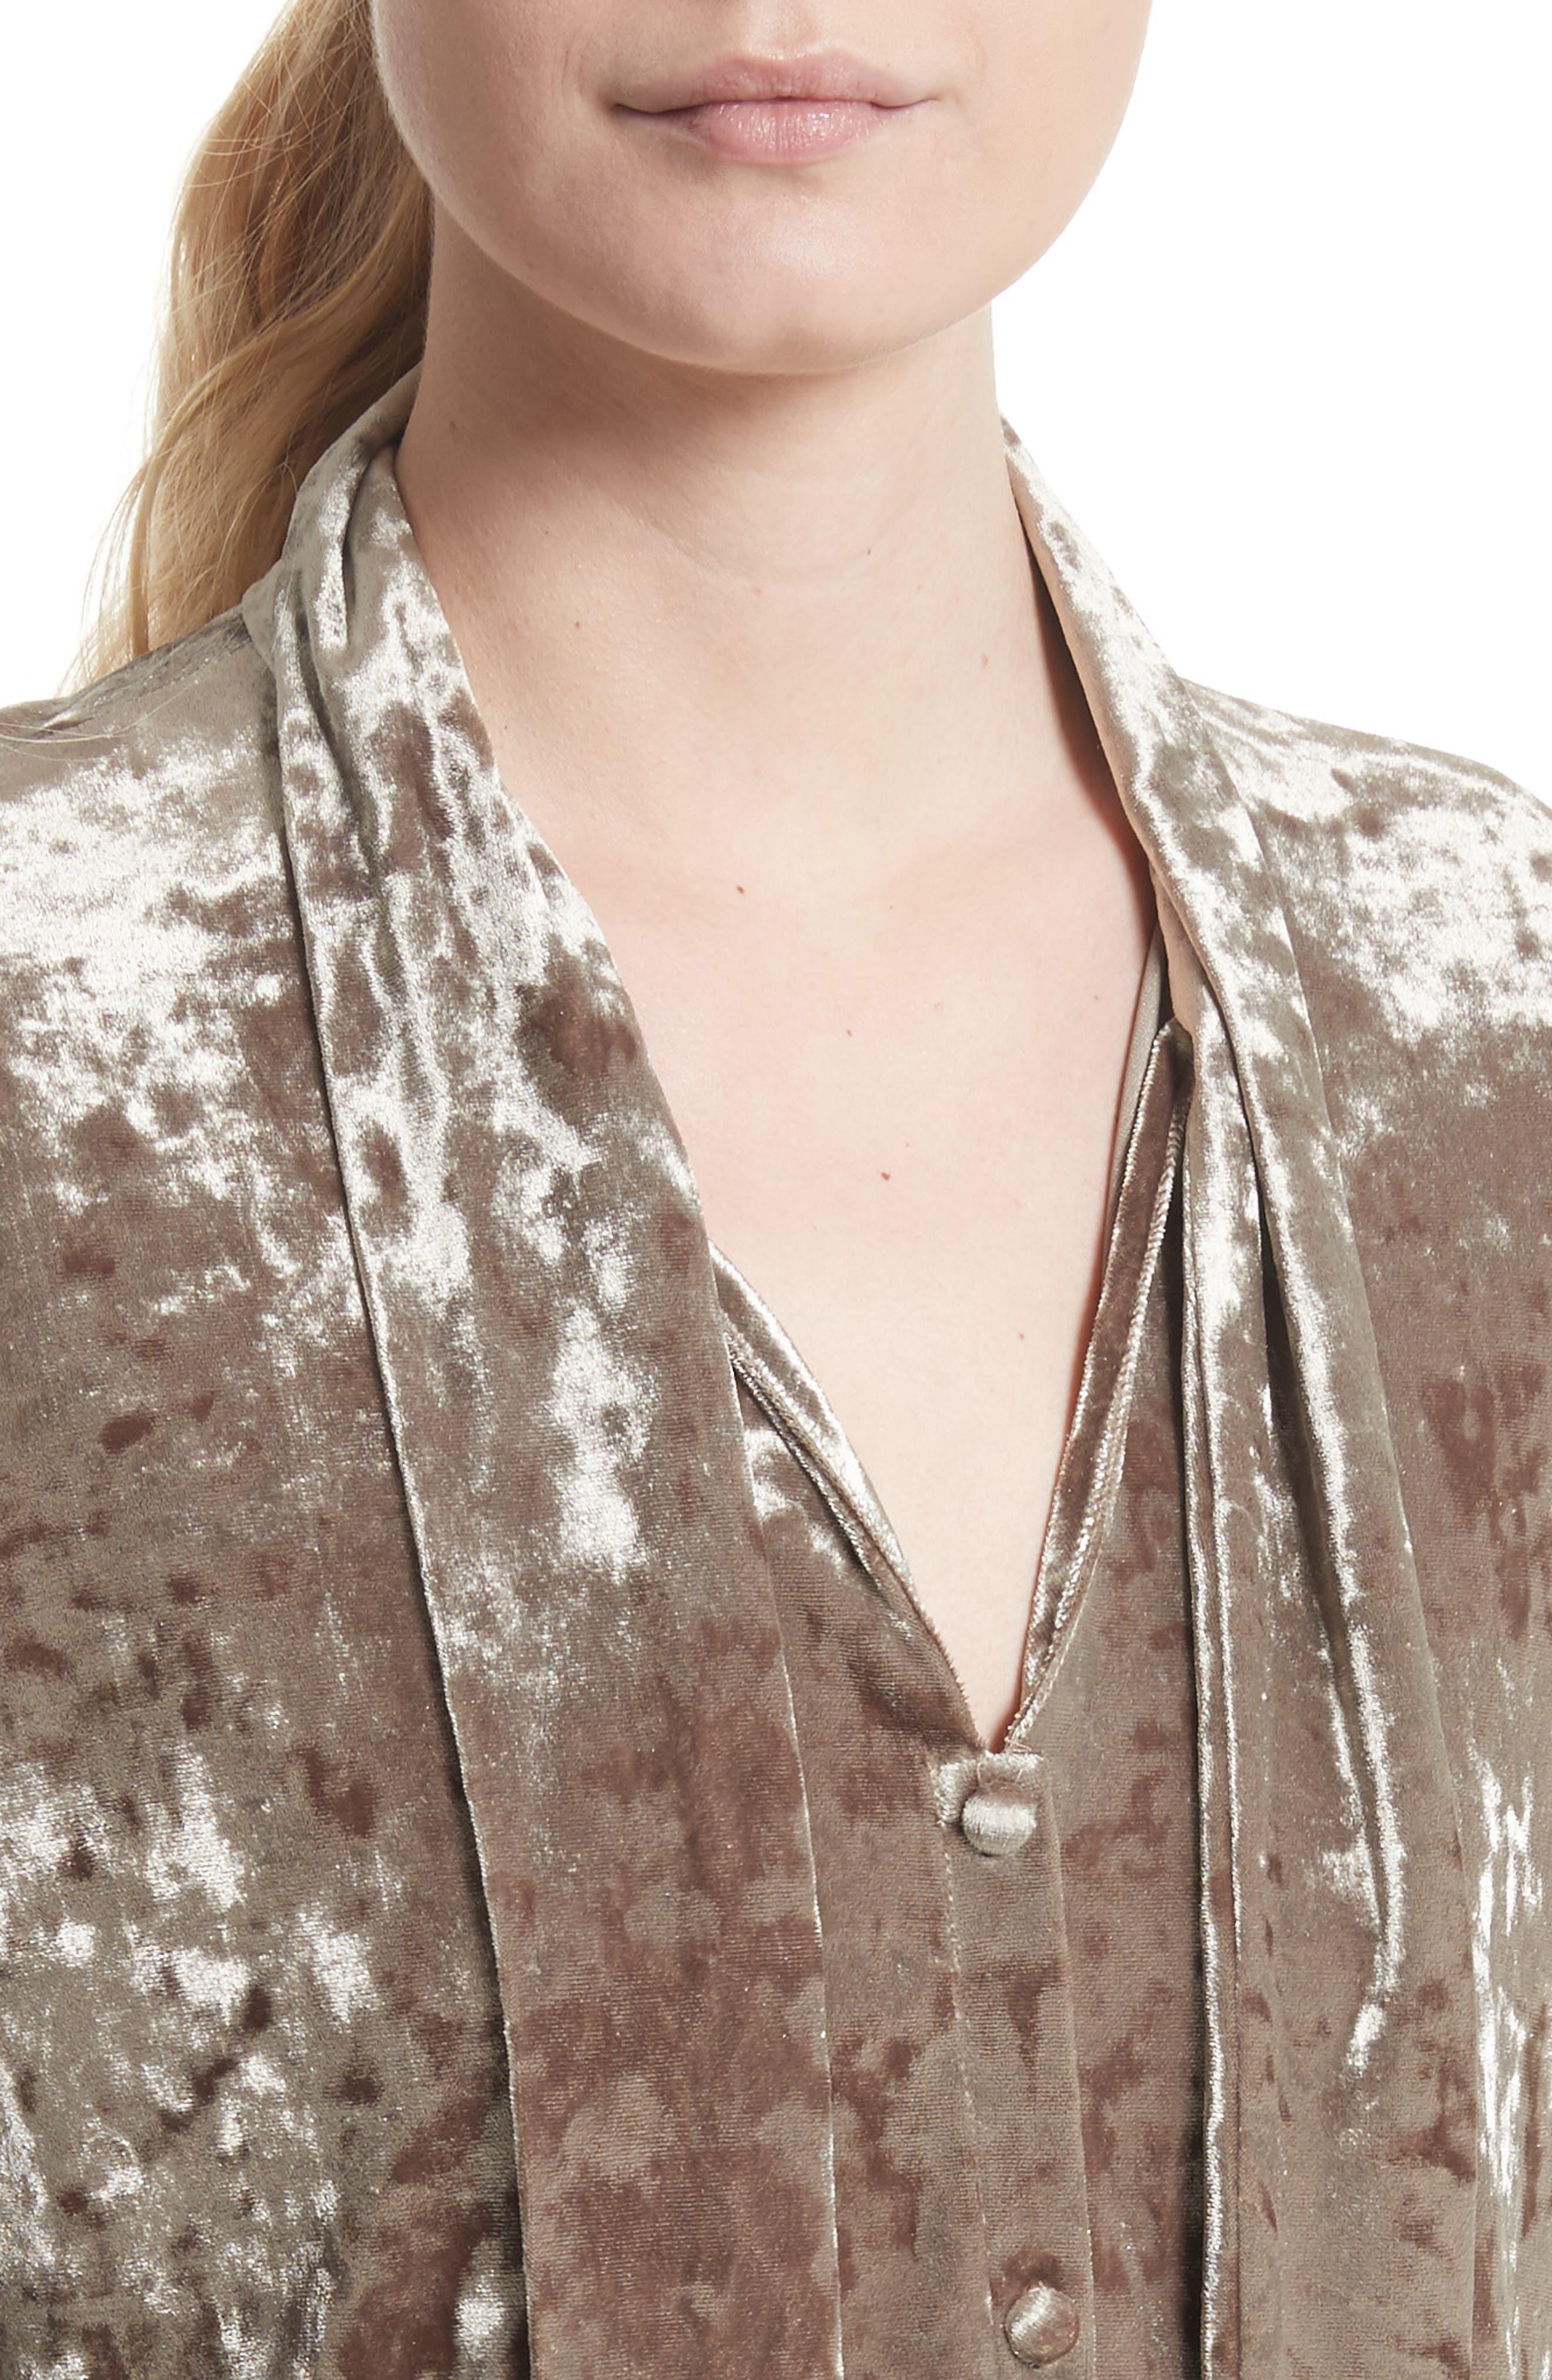 Gisele Crushed Velvet Tie Neck Blouse,                             Alternate thumbnail 4, color,                             300